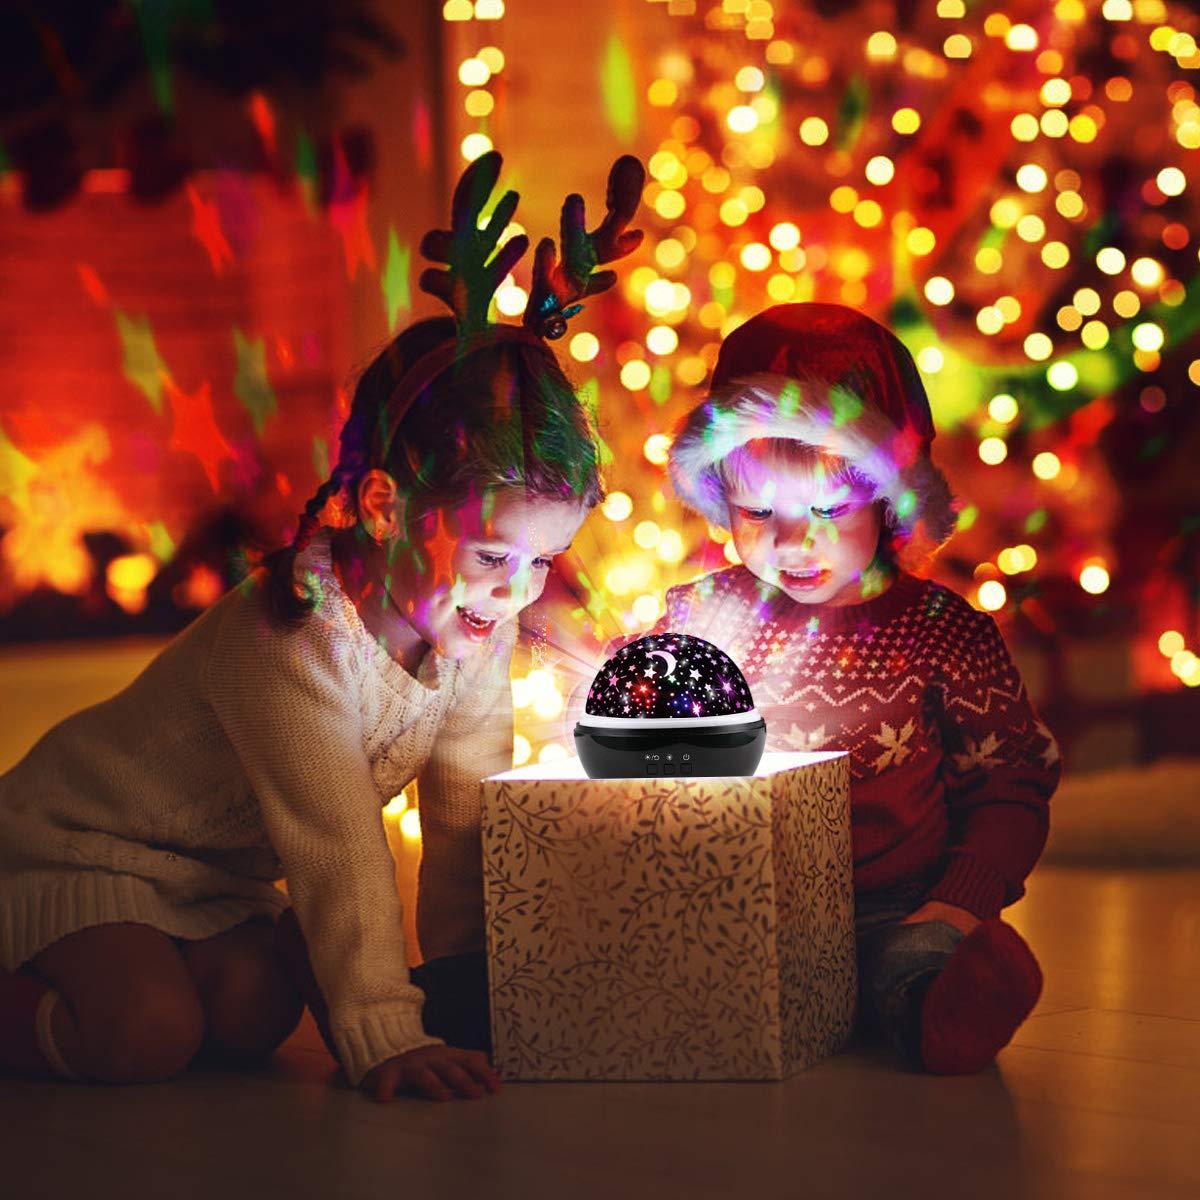 Star Light Night Proiettore Lampada, Sunvito 360 gradi che girano lampada proiettore romantico Stelle Moon Sky Proiettore per bambini, bambini, regali di Natale, camera per bambini, matrimonio, compleanno, vacanze (nero)